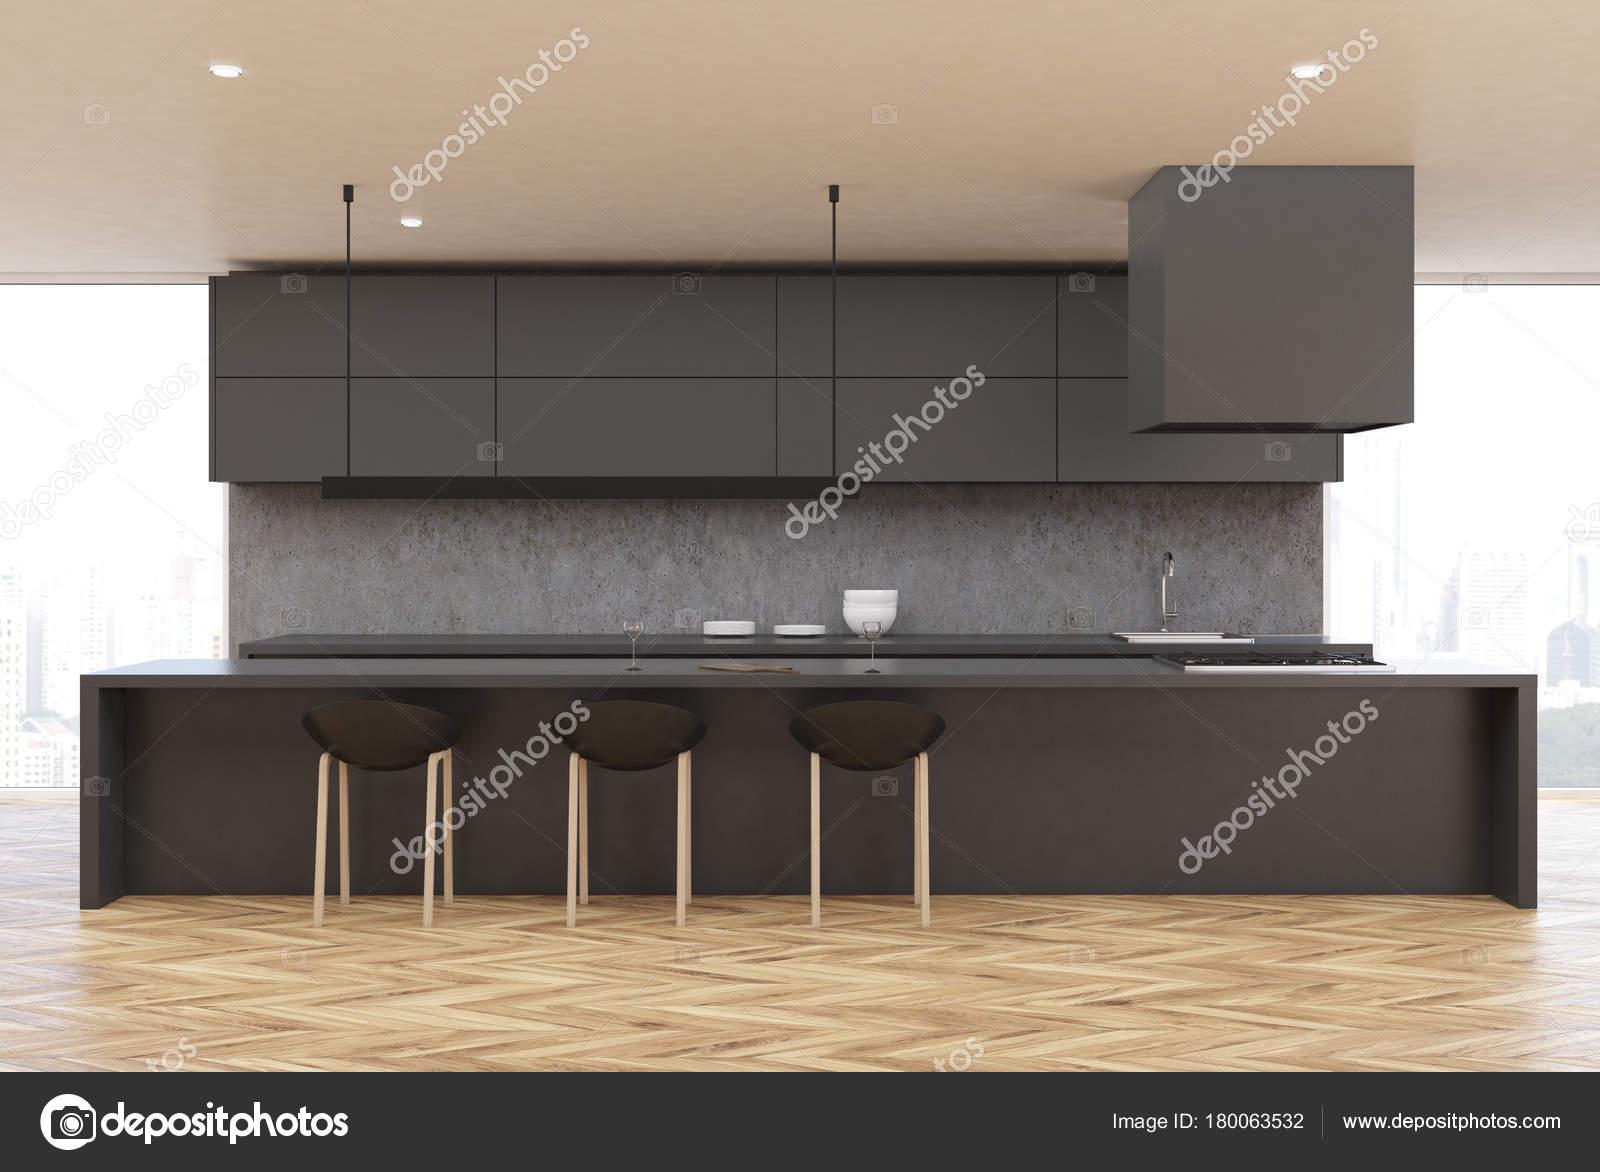 Vloer In Keuken : Houten vloer keuken grijze tafel voorzijde u2014 stockfoto